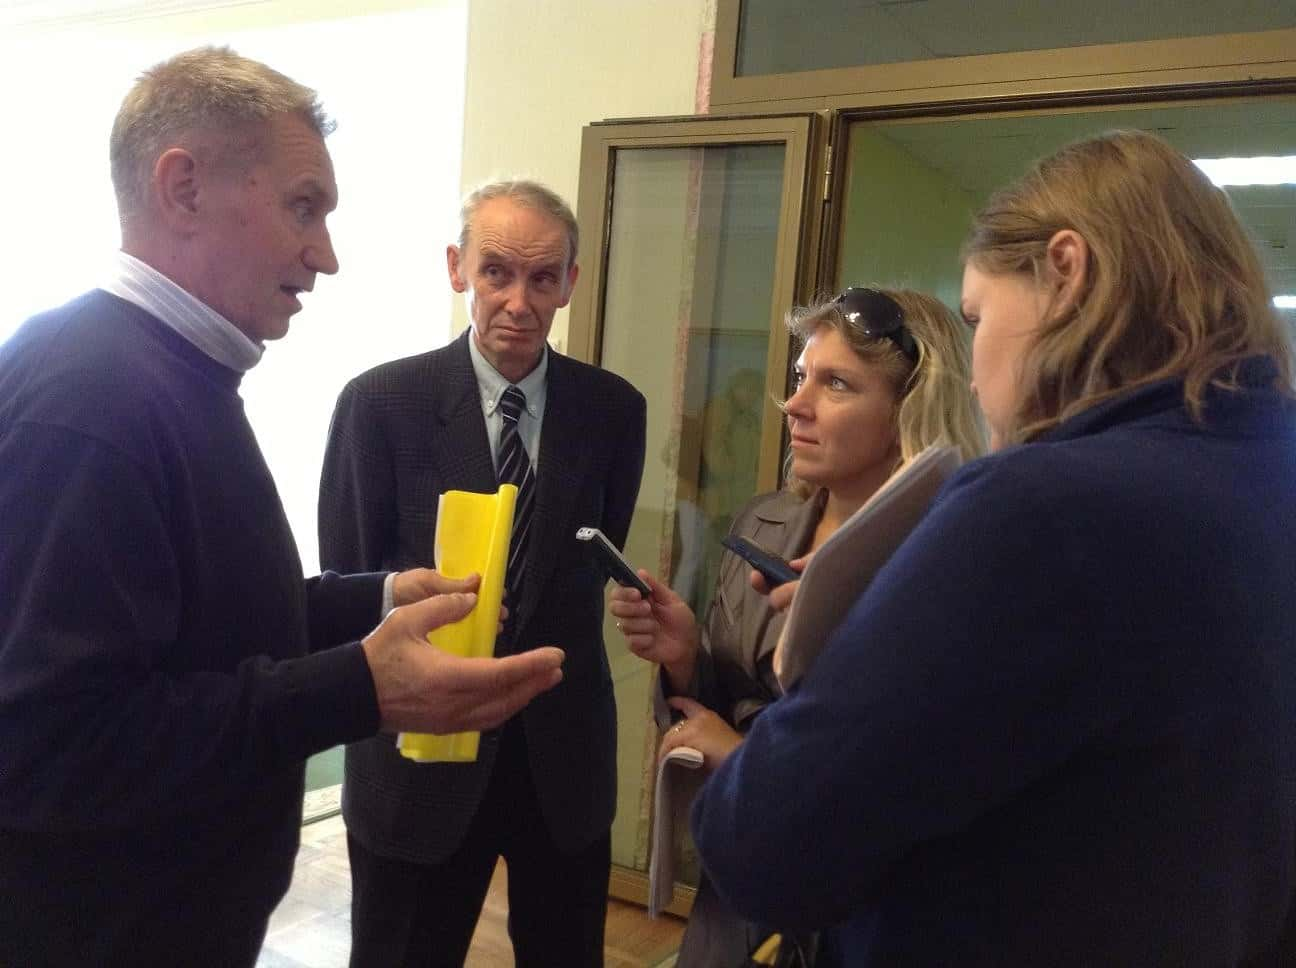 Депутаты не стали обсуждать ситуацию с журналом Carelia